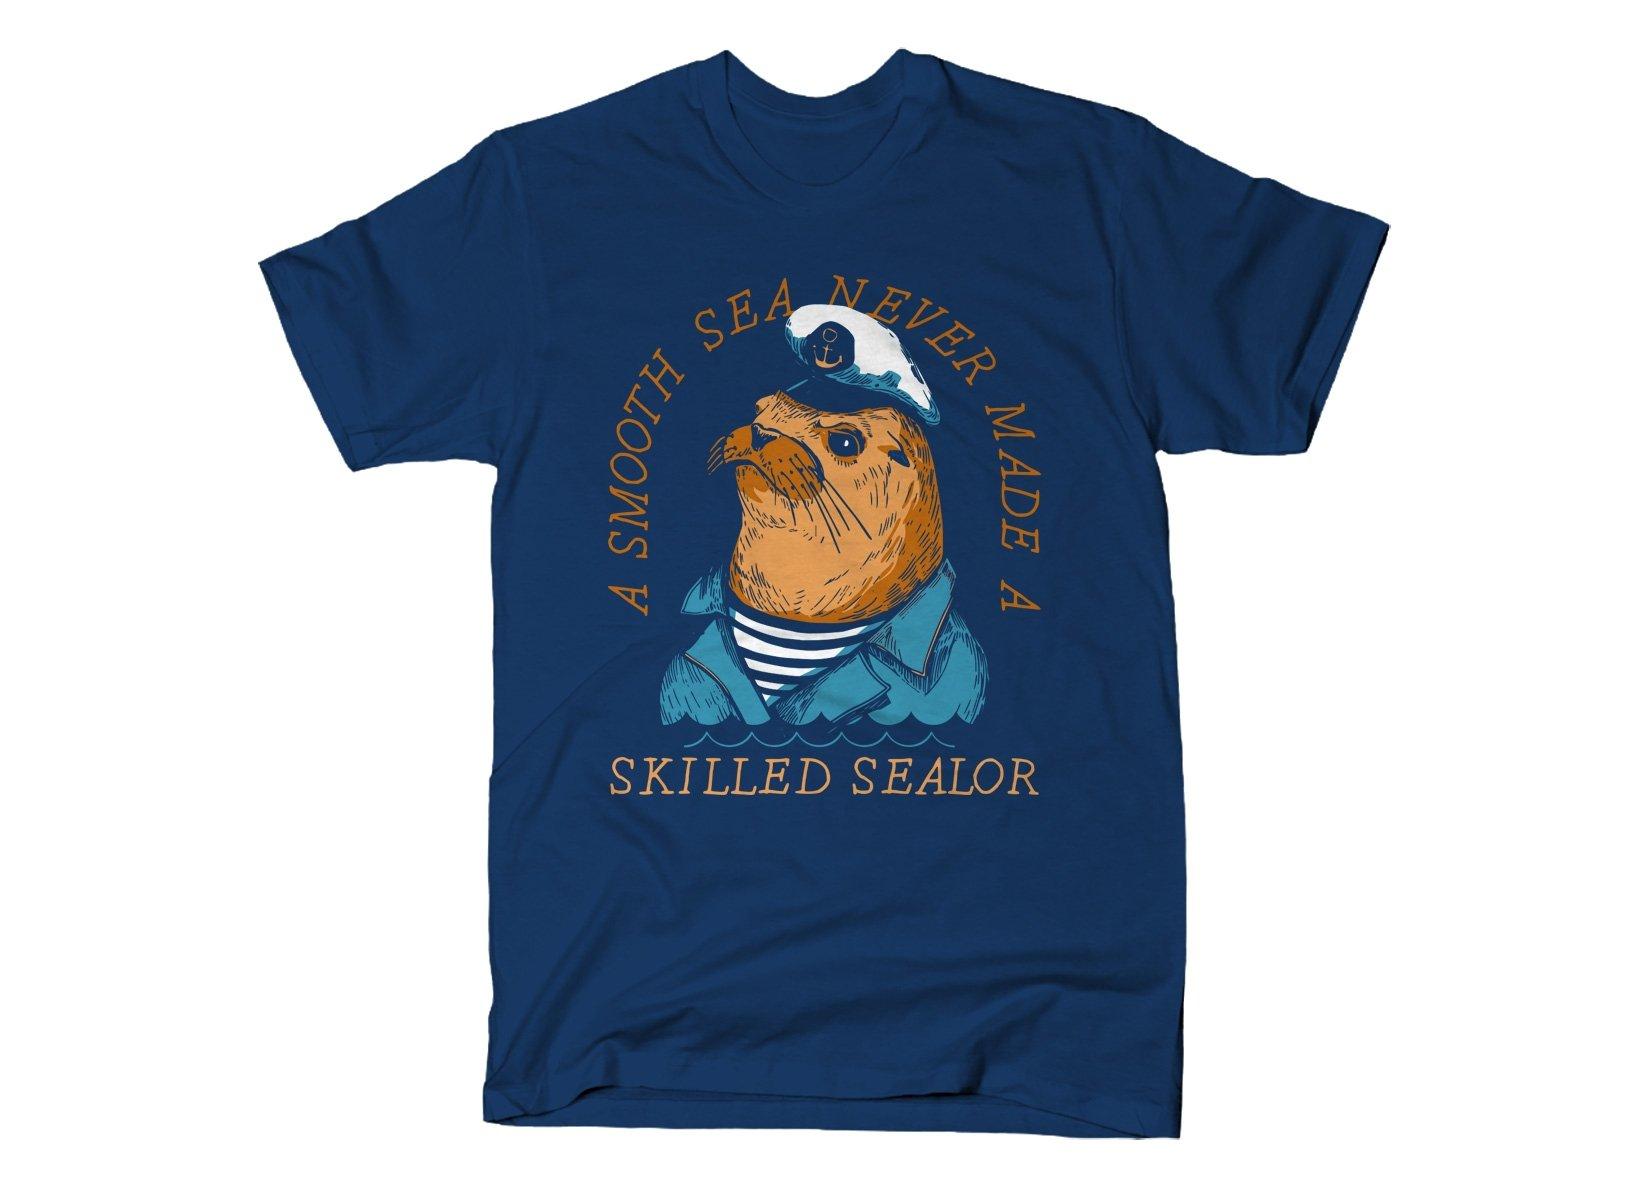 Skilled Sealor on Mens T-Shirt